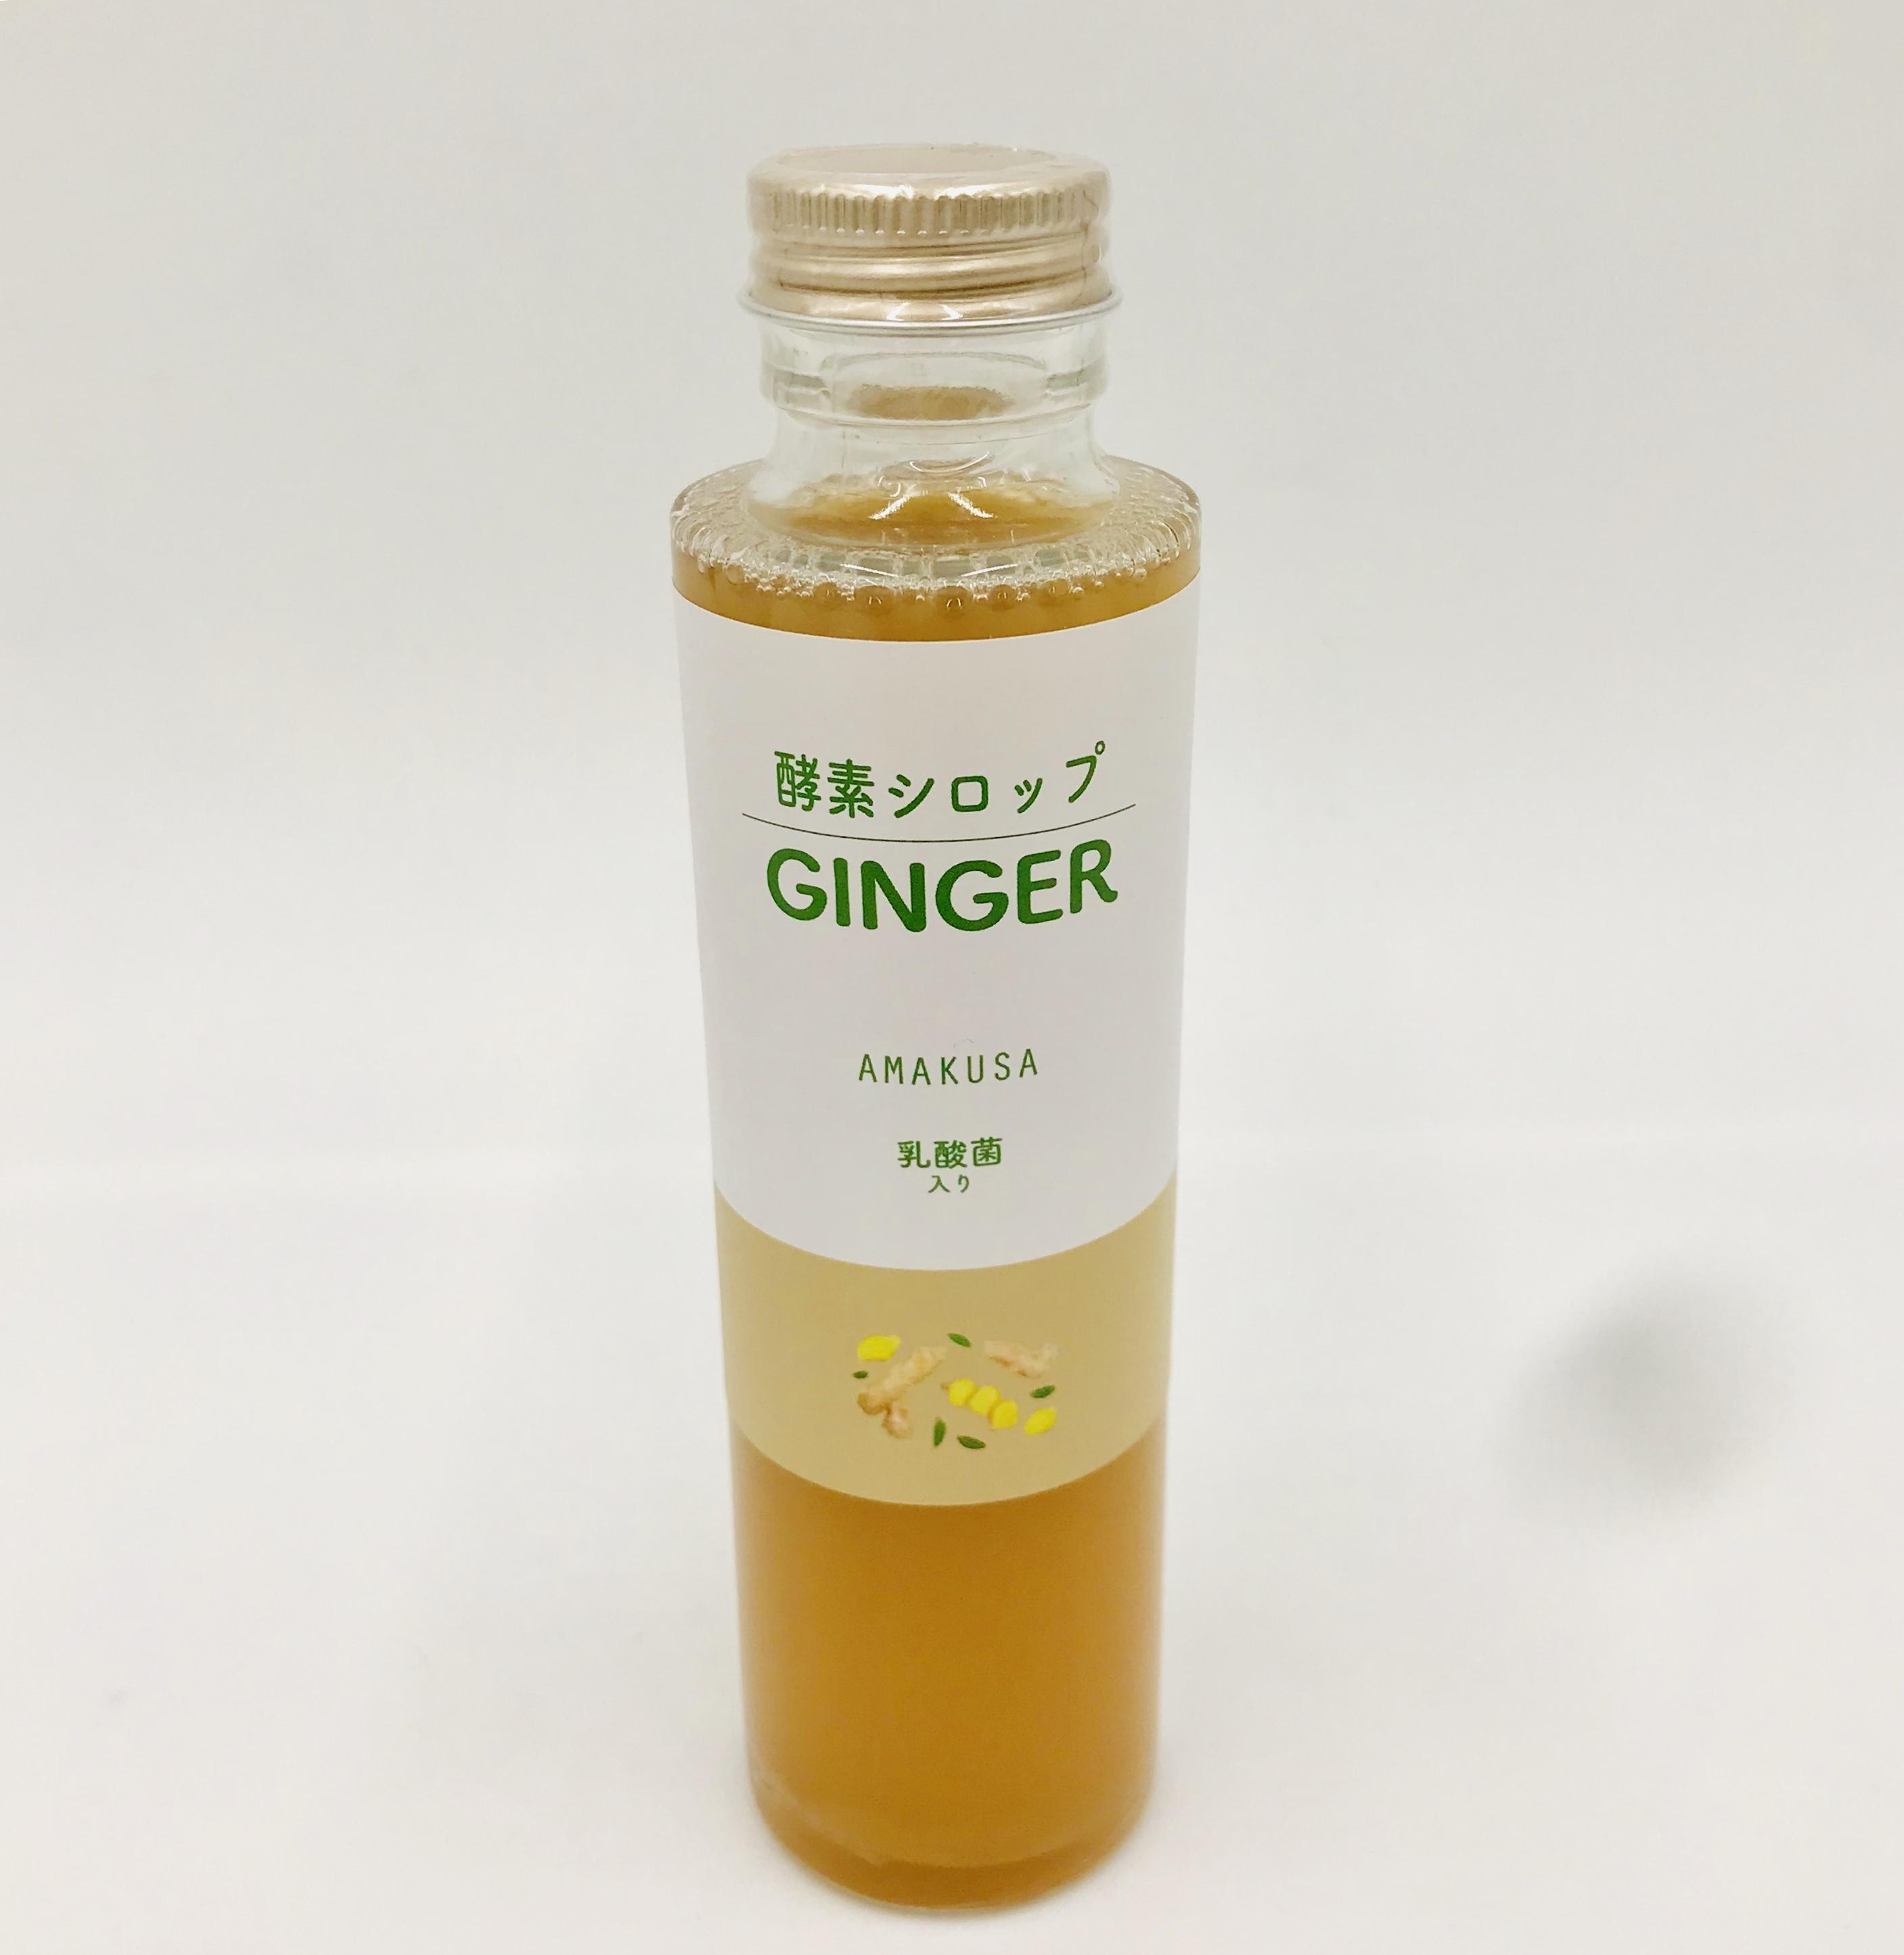 発酵生姜シロップ